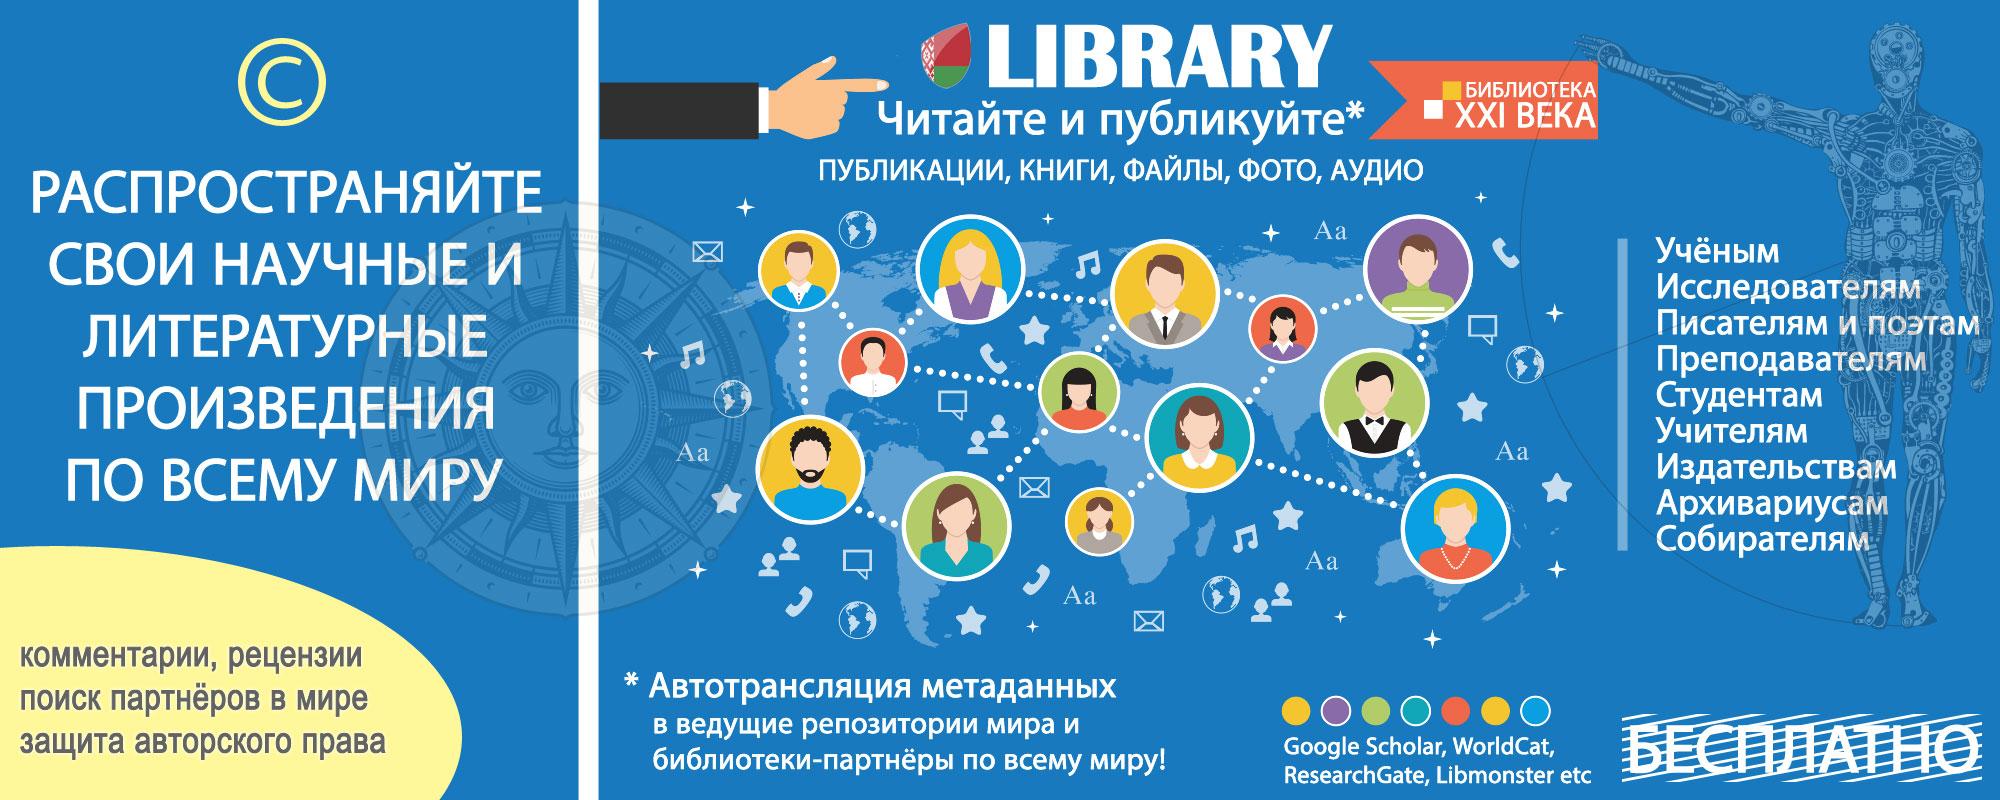 Схема ретрансляции метаданных библиотеки